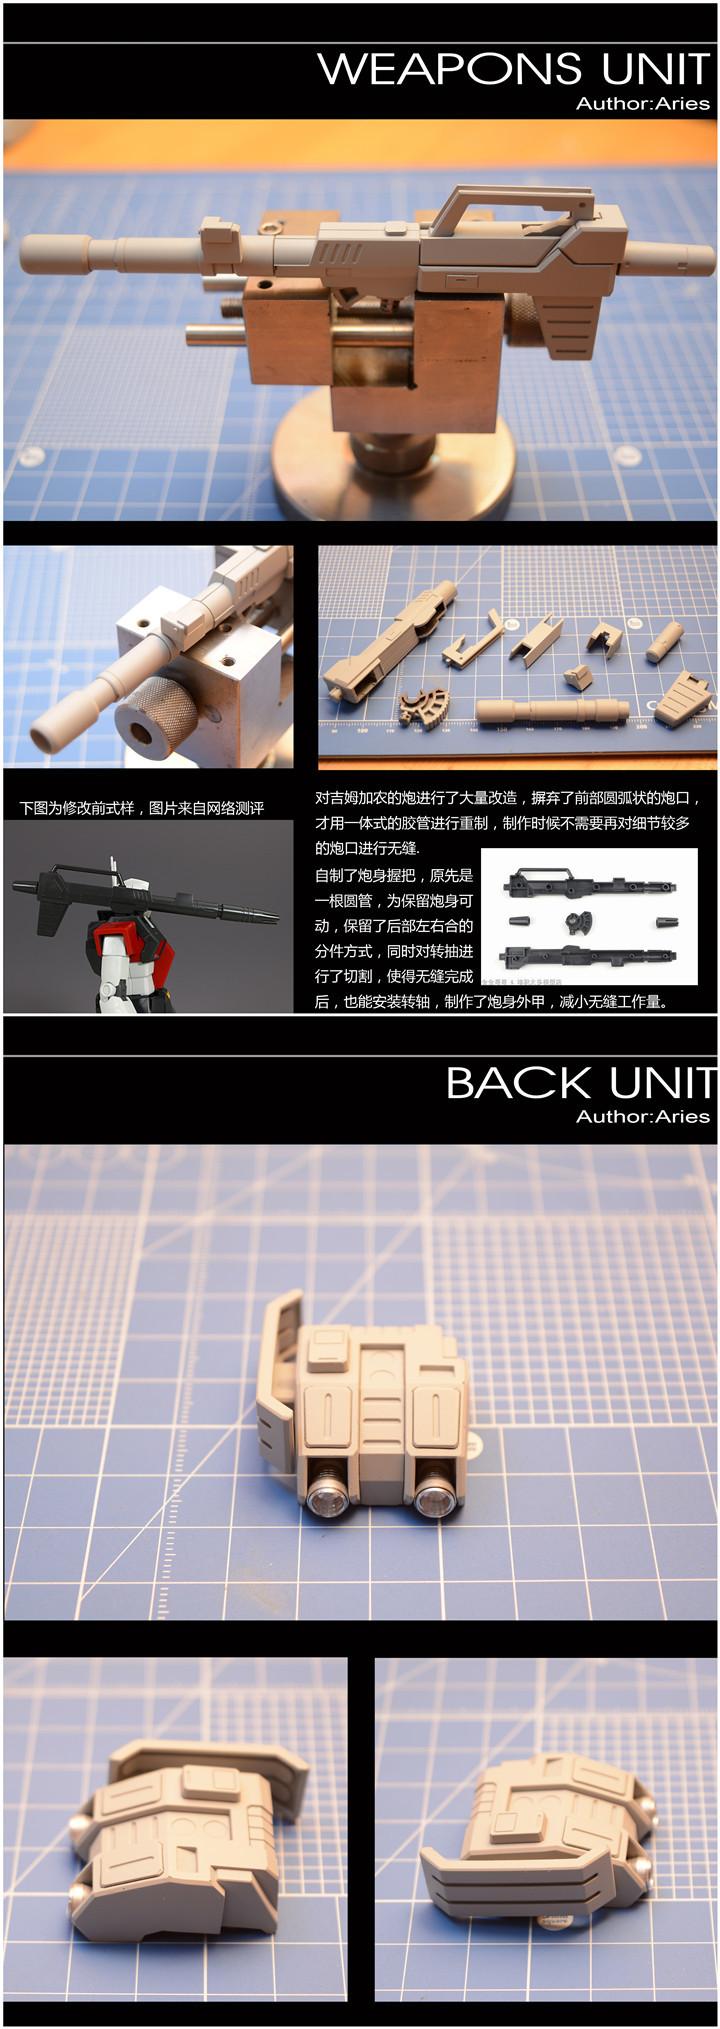 G121_MGJIMUCANONGK_info_026.jpg